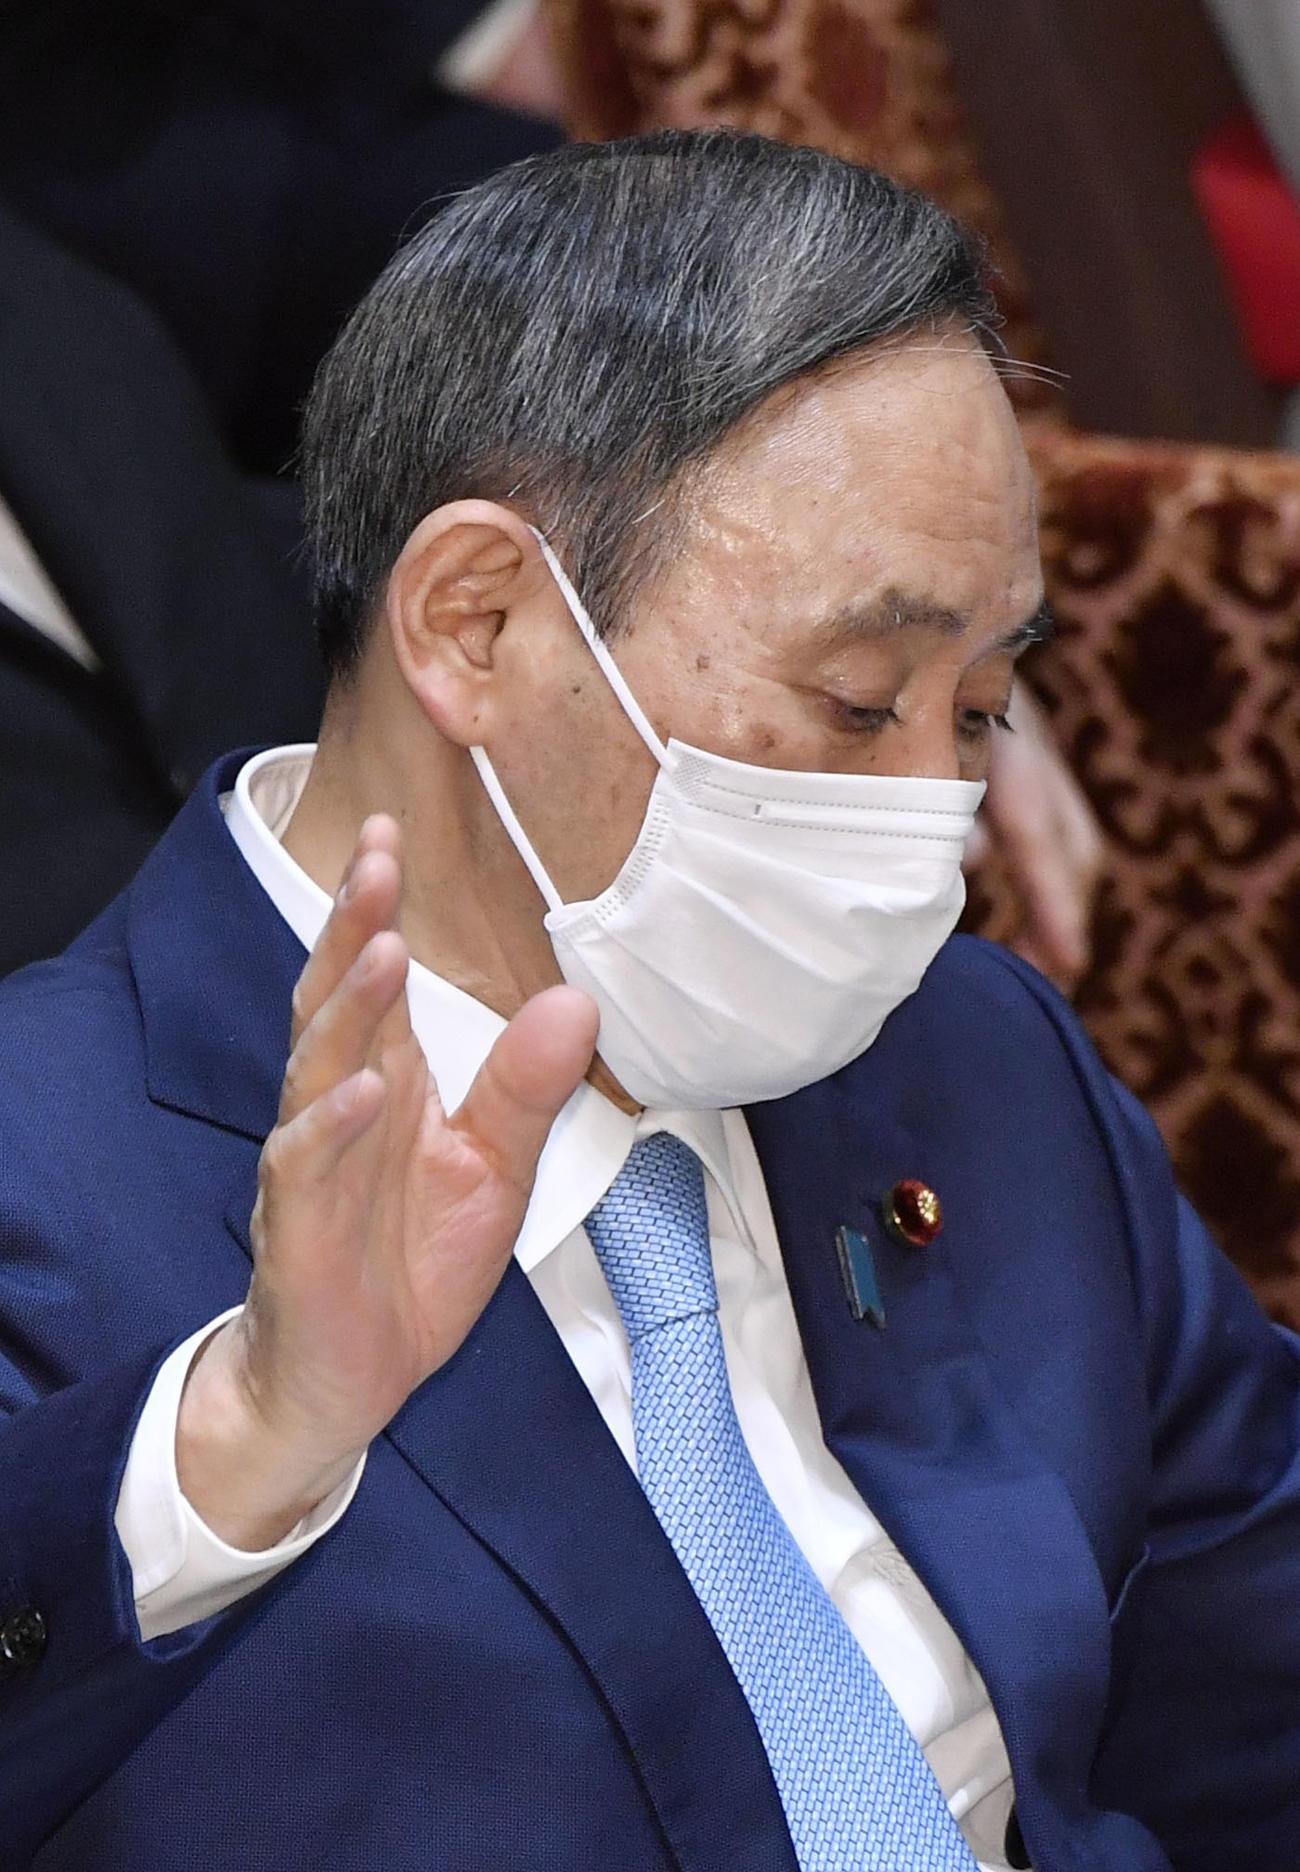 参院予算委で答弁のため挙手する菅首相(共同)